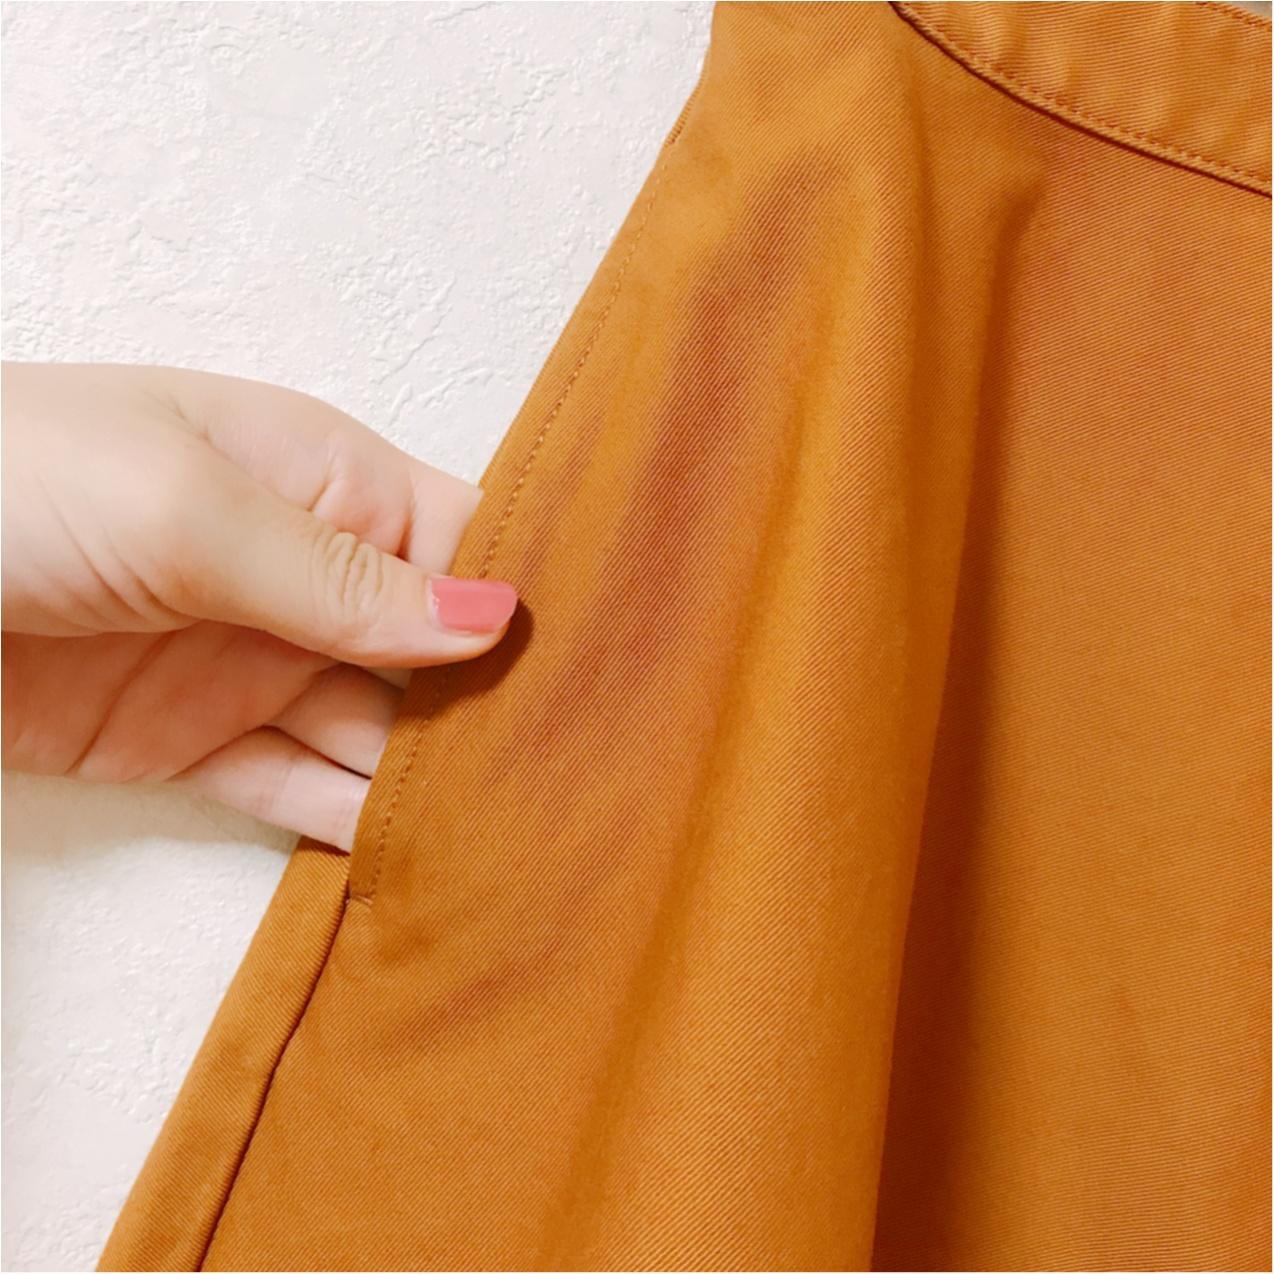 【8/16までお買得♡】ユニクロの《サーキュラースカート》を買うべき理由!_3